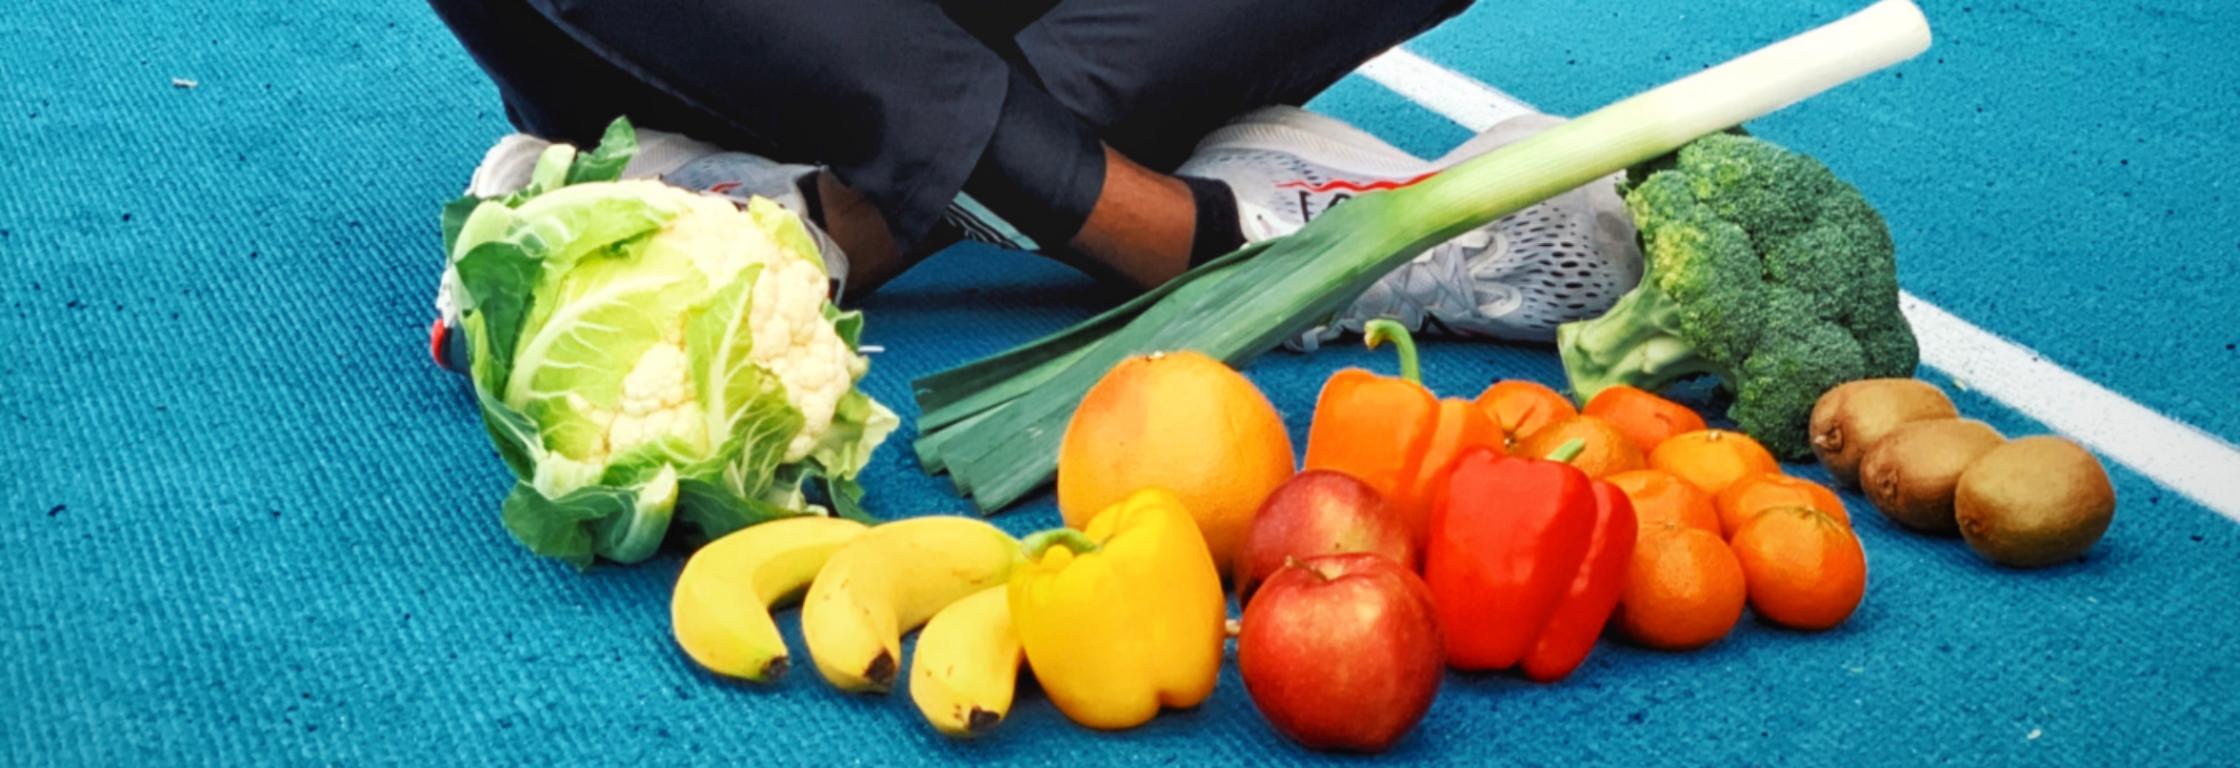 Ondersteun je weerstand met deze 7 voedingsstoffen